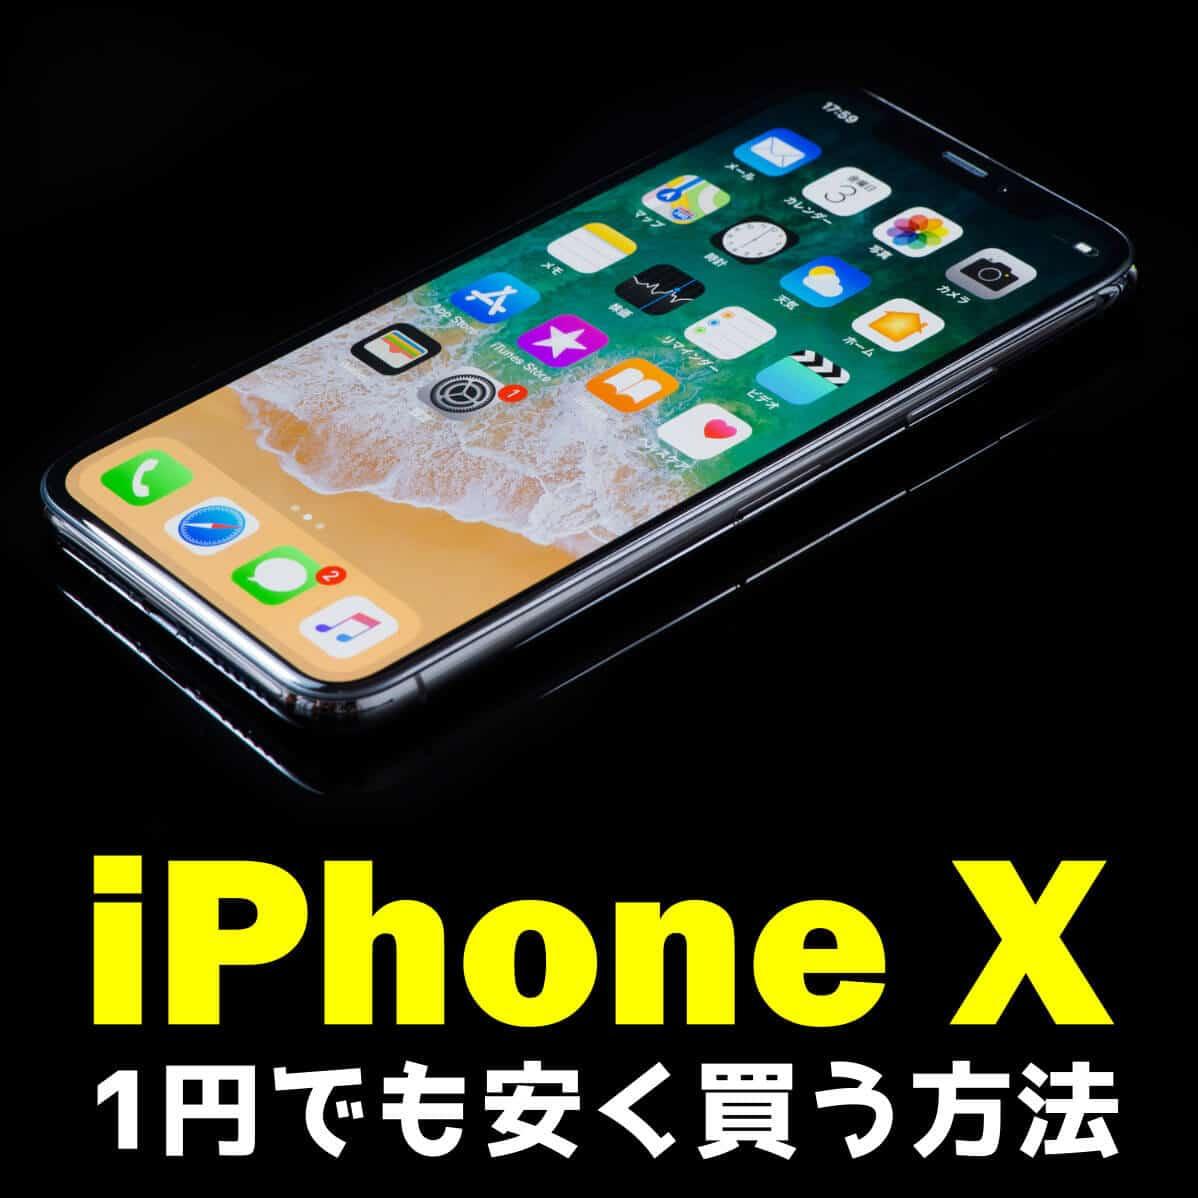 アイキャッチ:iPhone X を1円でも安く買う方法